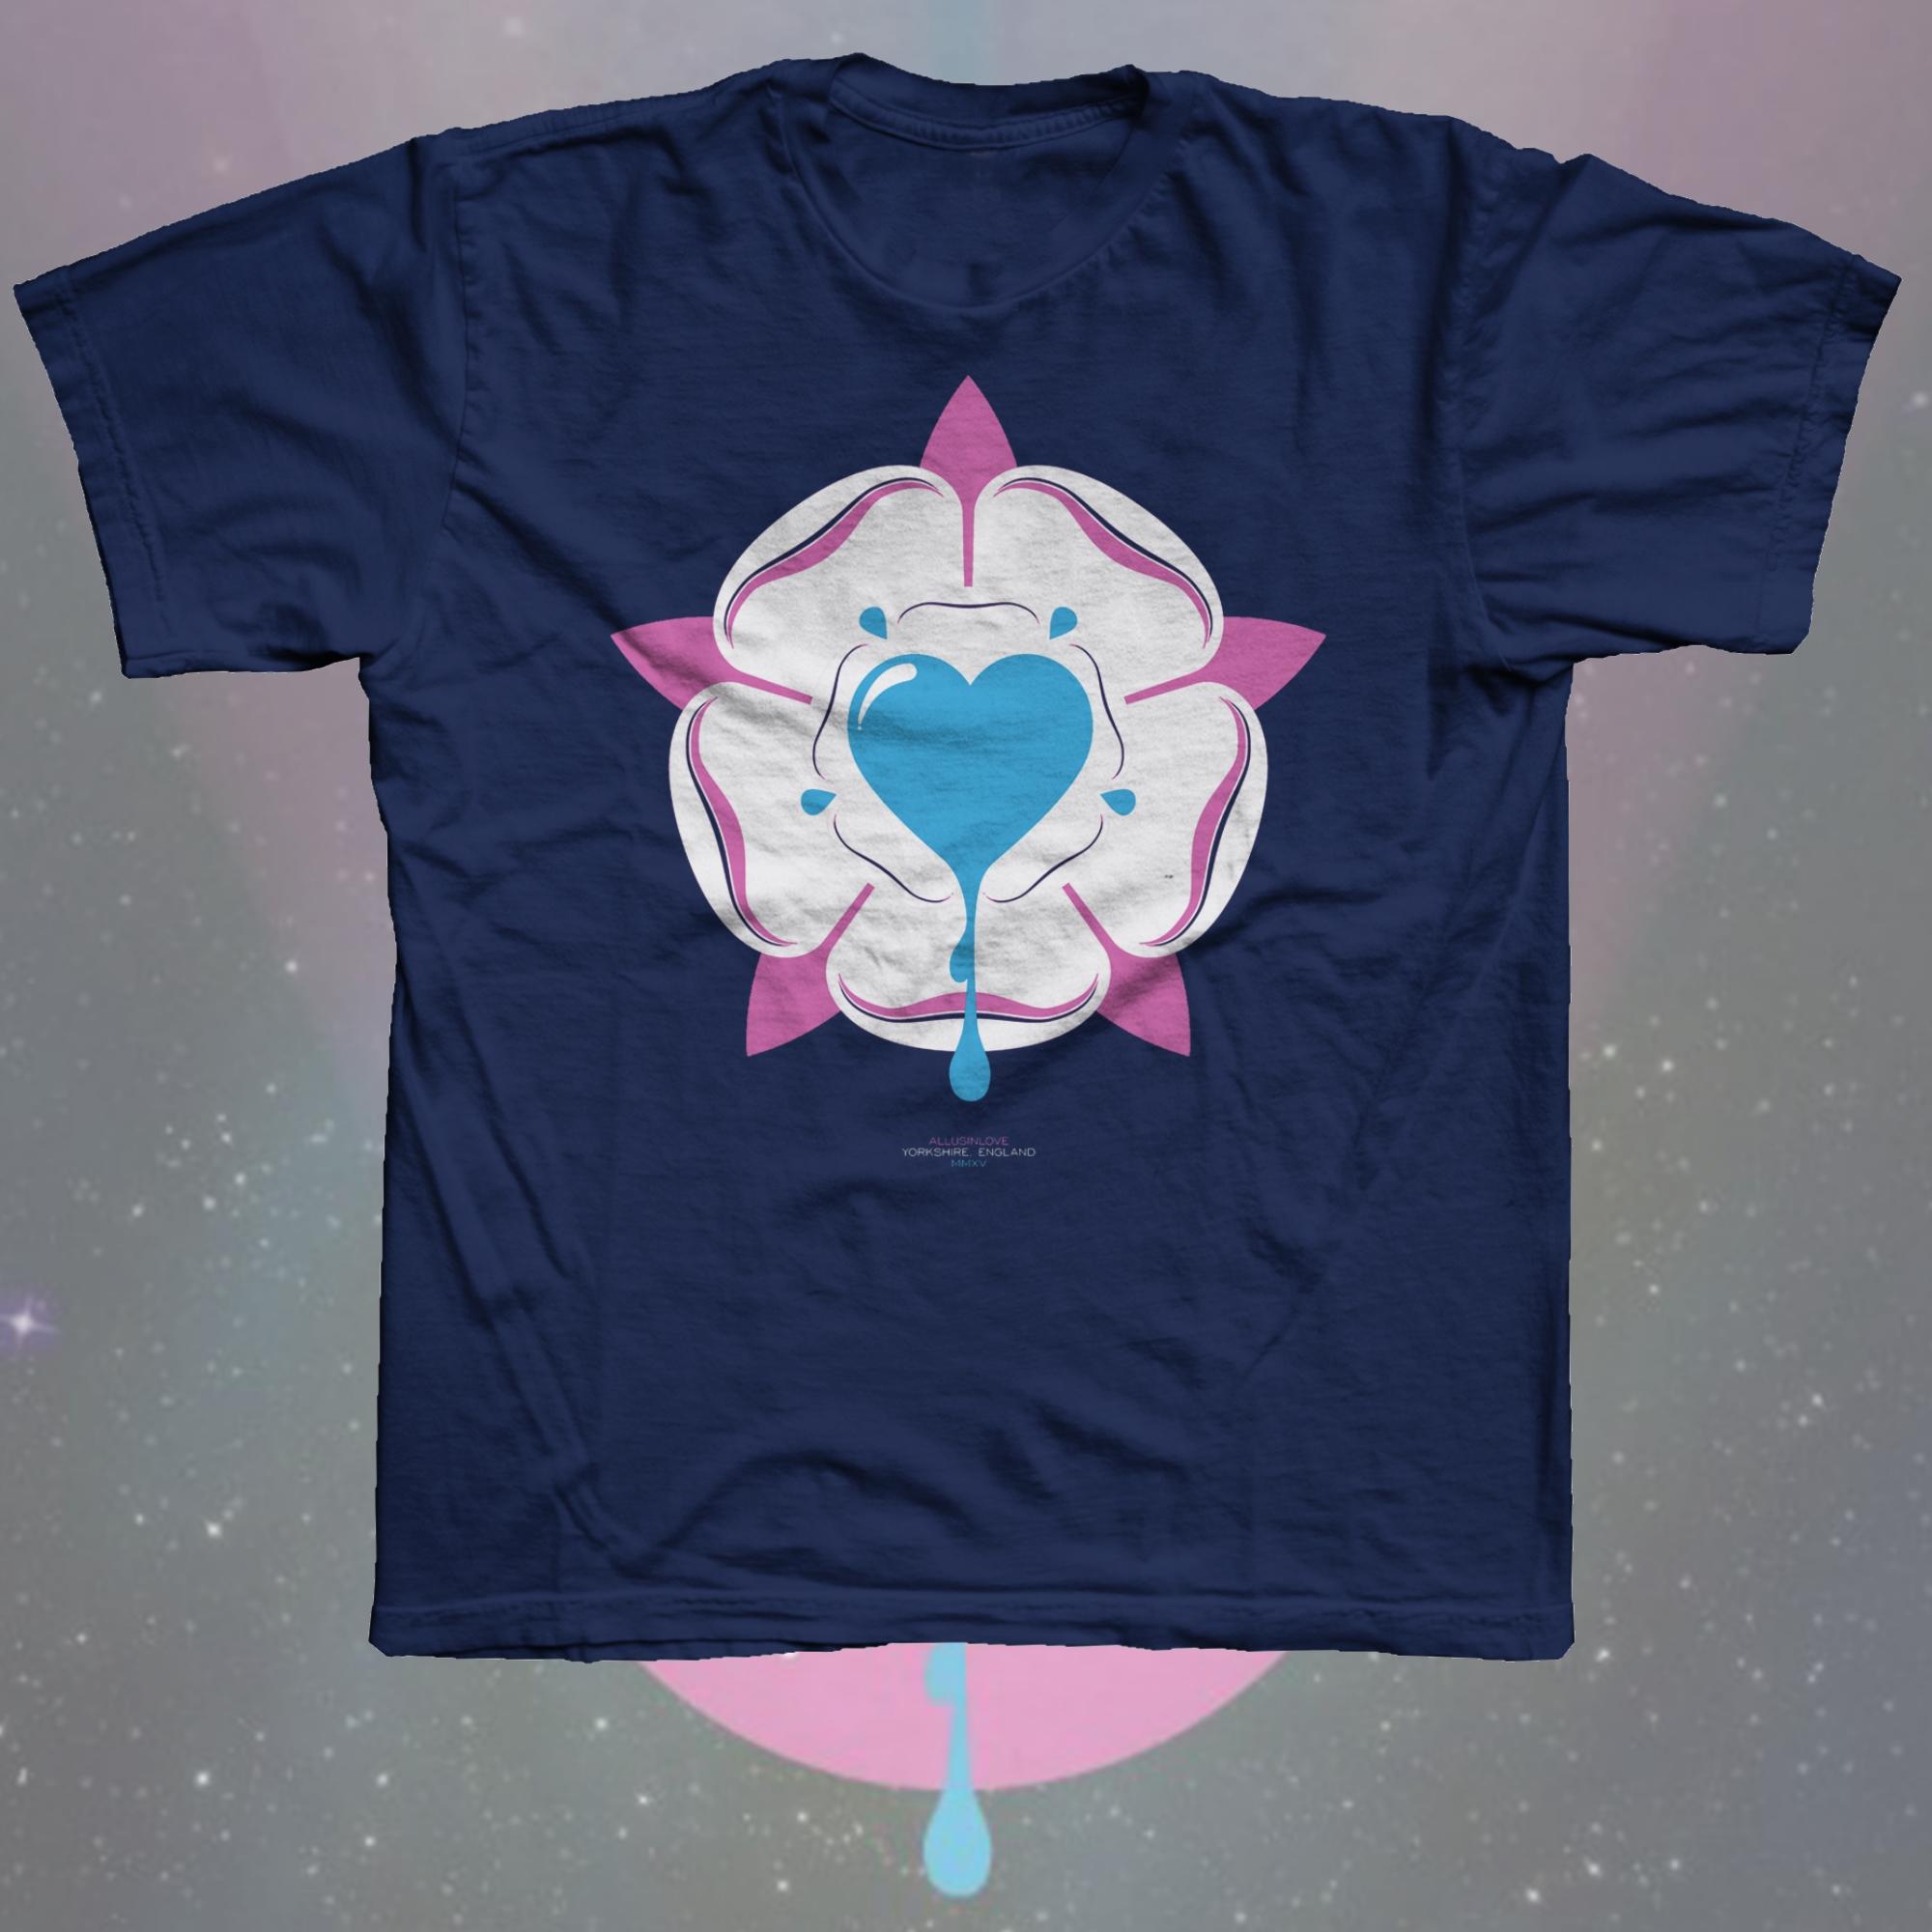 Yorkshire Rose T-Shirt